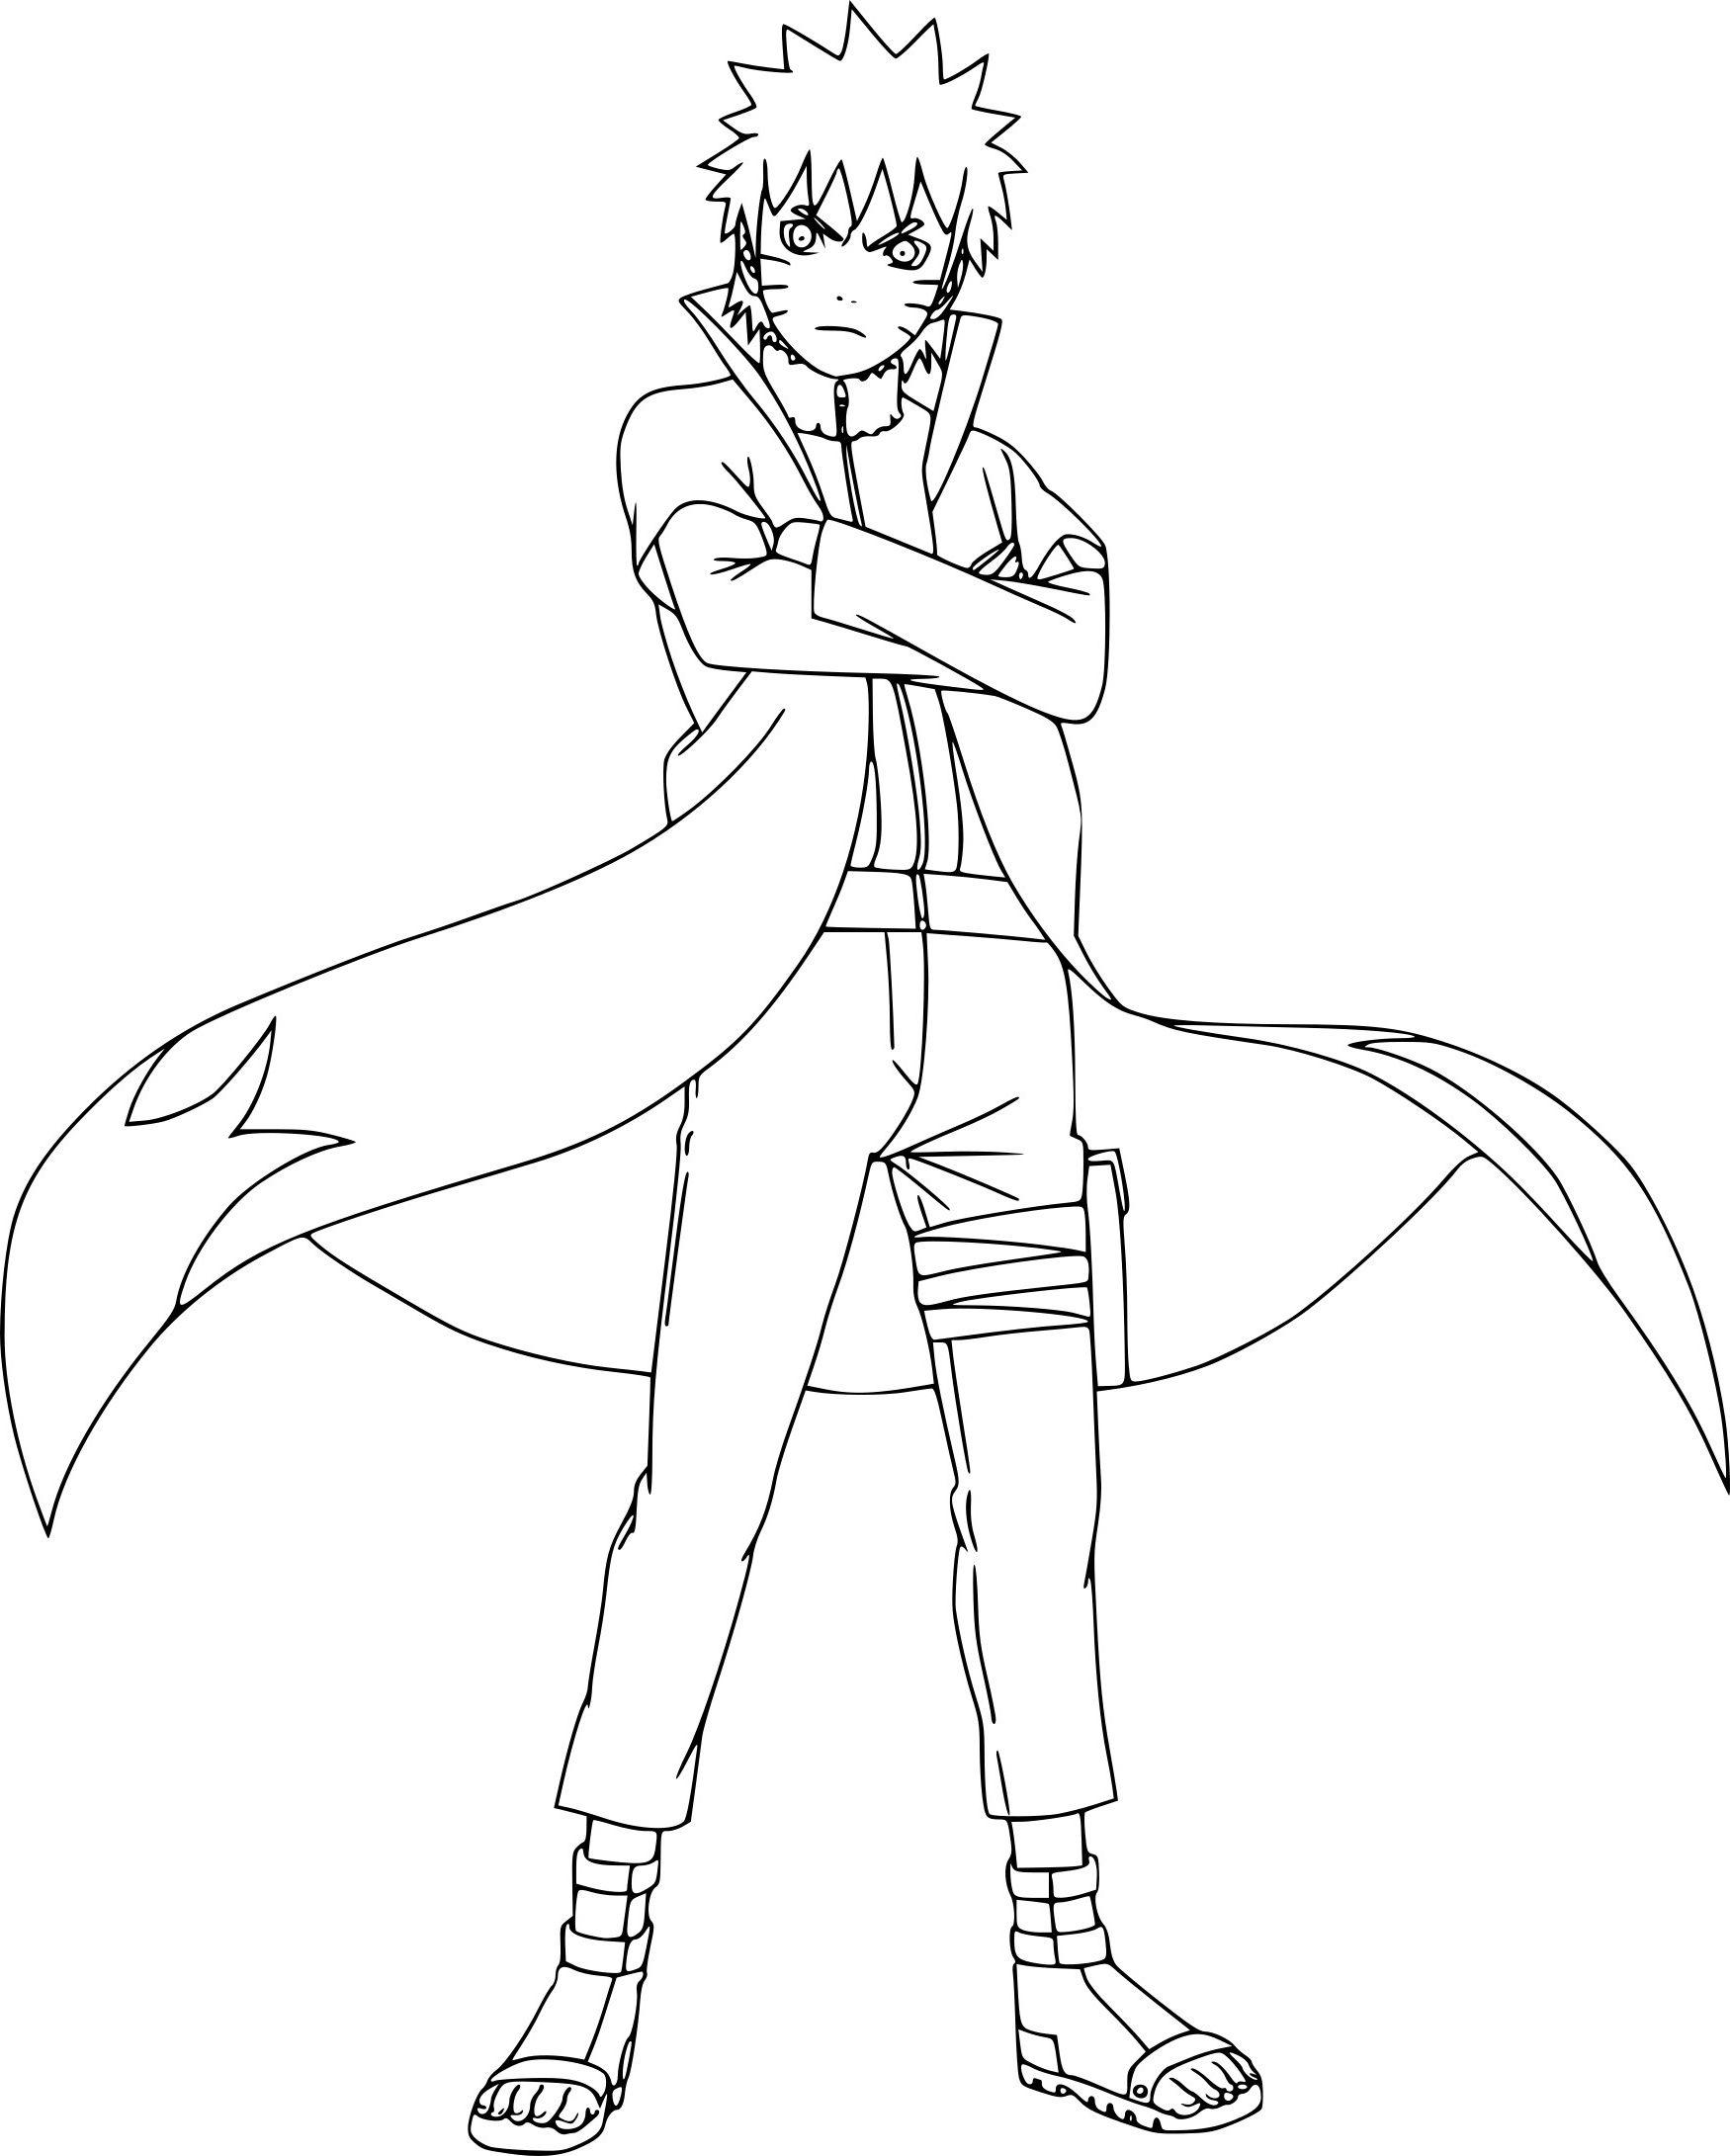 Dessin A Colorier Naruto A Imprimer In 2020 | Sketches pour Coloriage De Naruto Shippuden A Imprimer